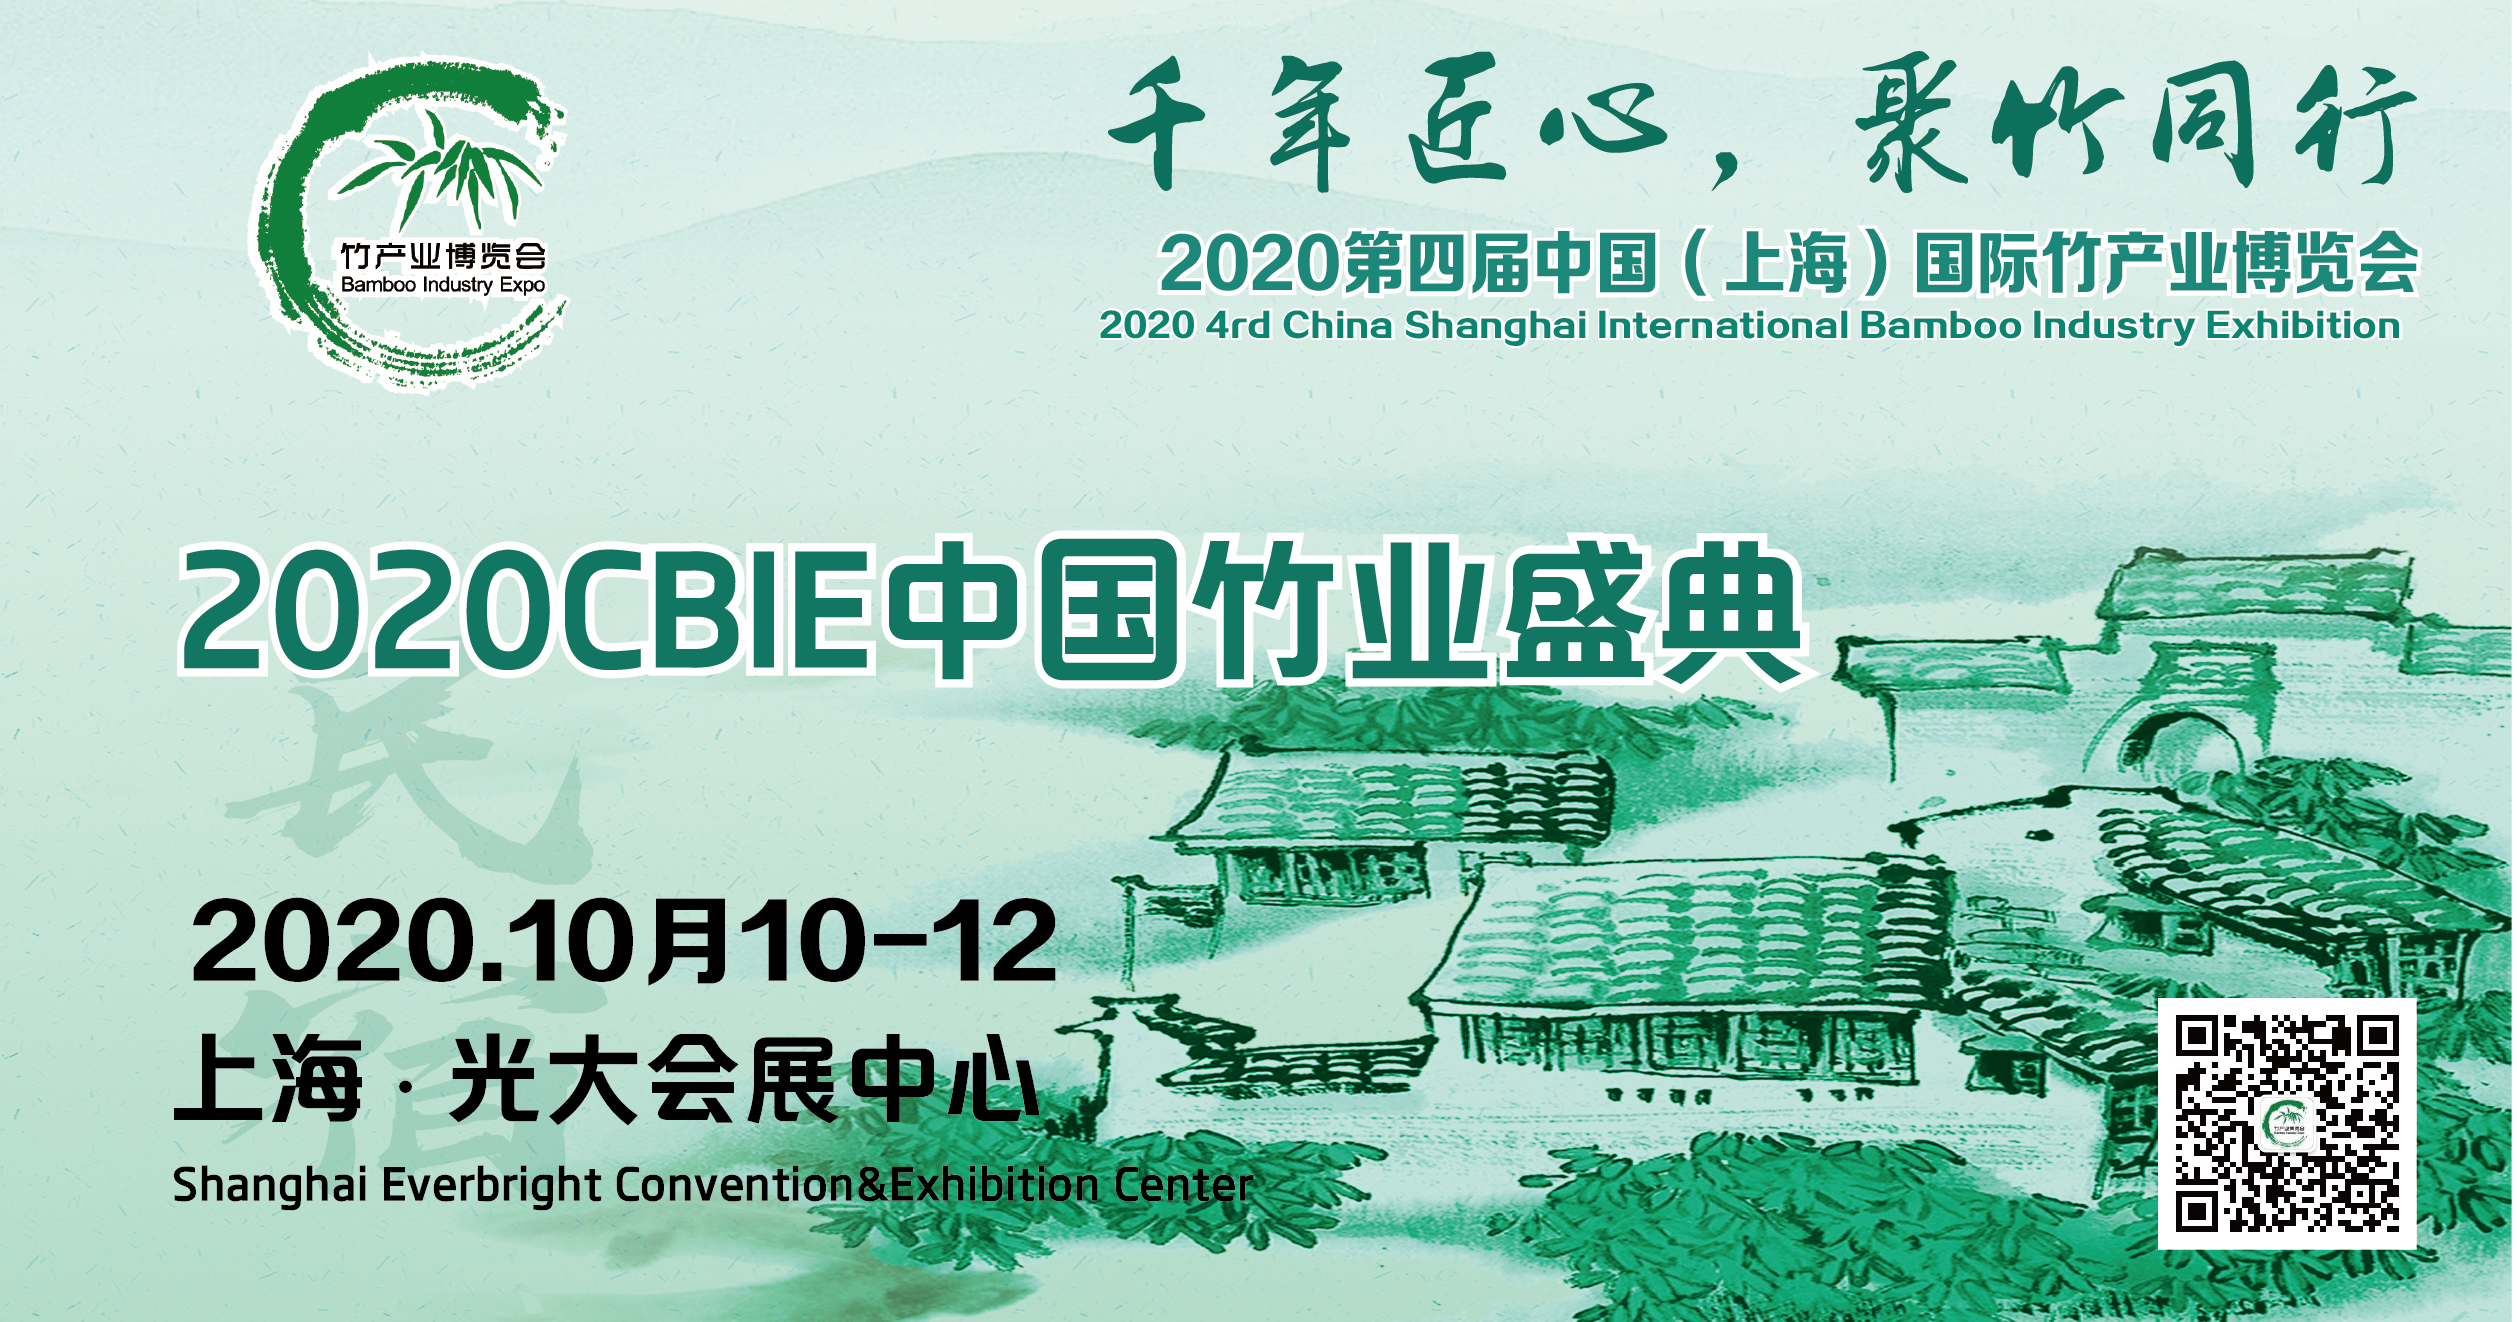 消息资讯:2020第四届中国(上海)国际竹产业博览会,